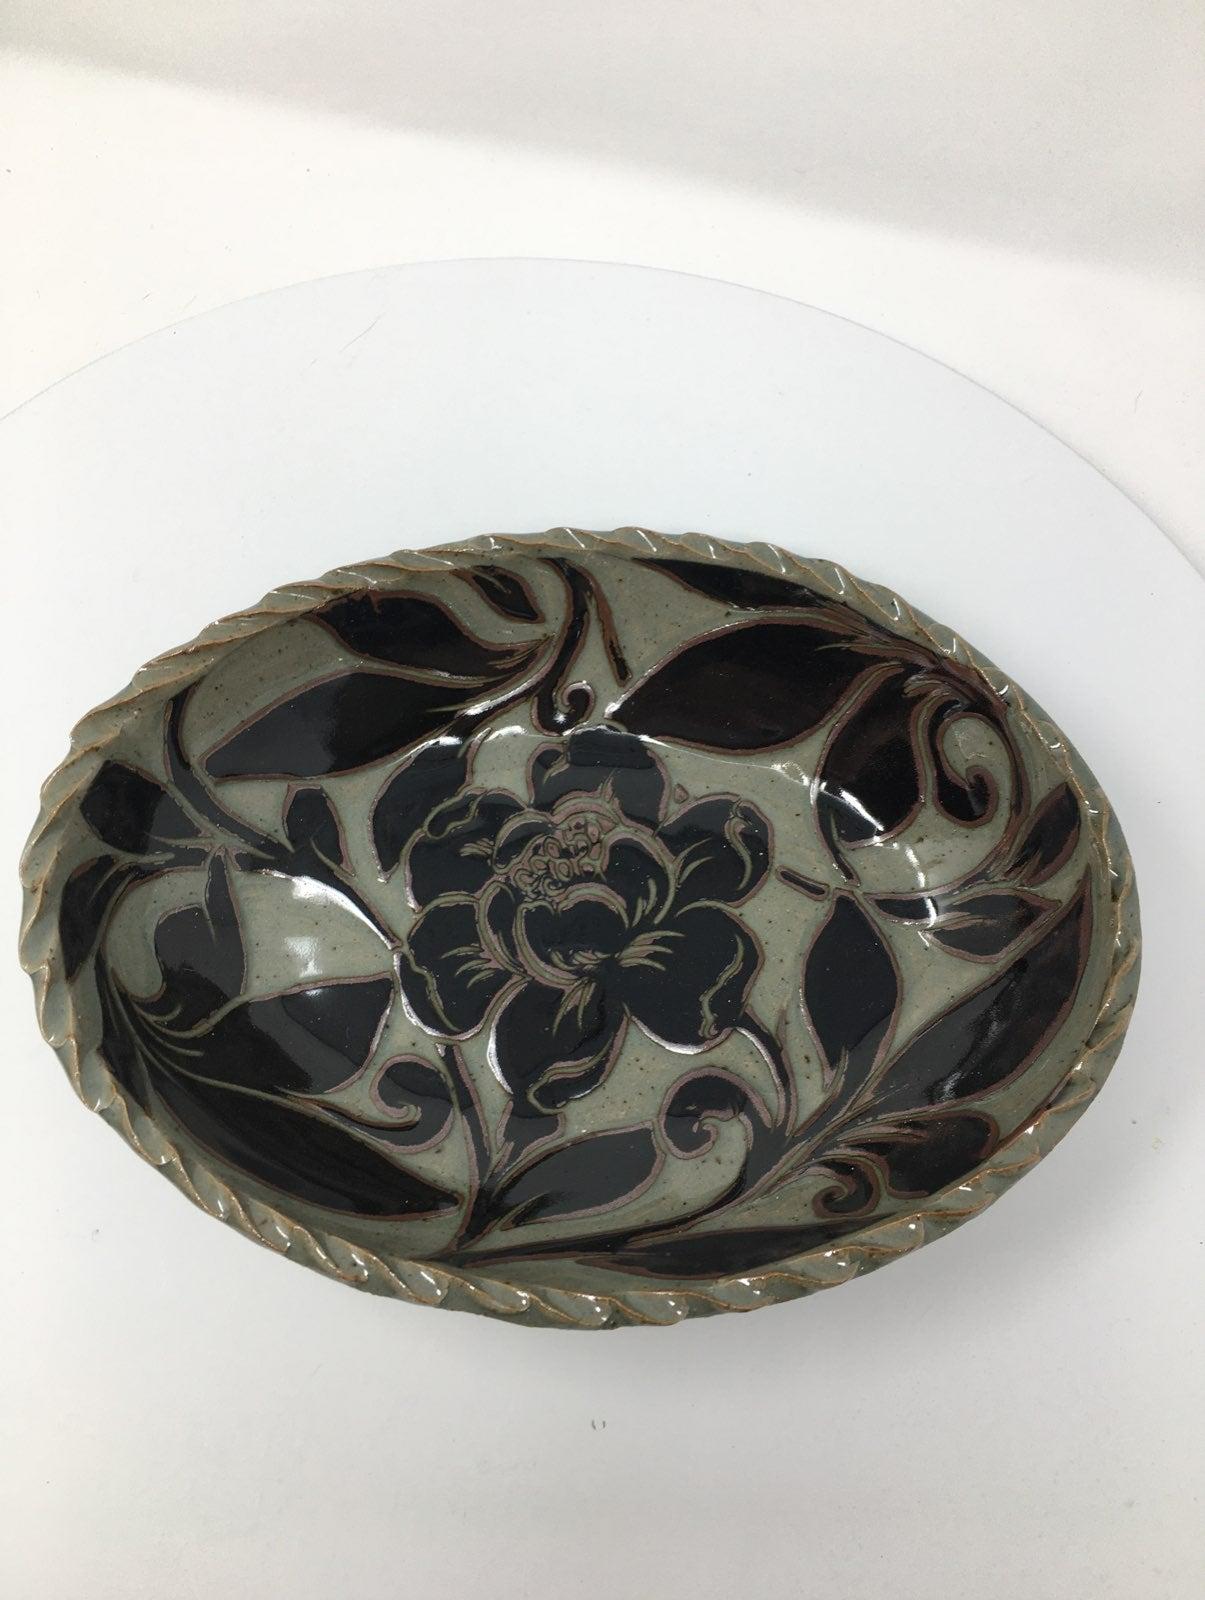 Glazed Ceramic Art Pottery Oval Bowl